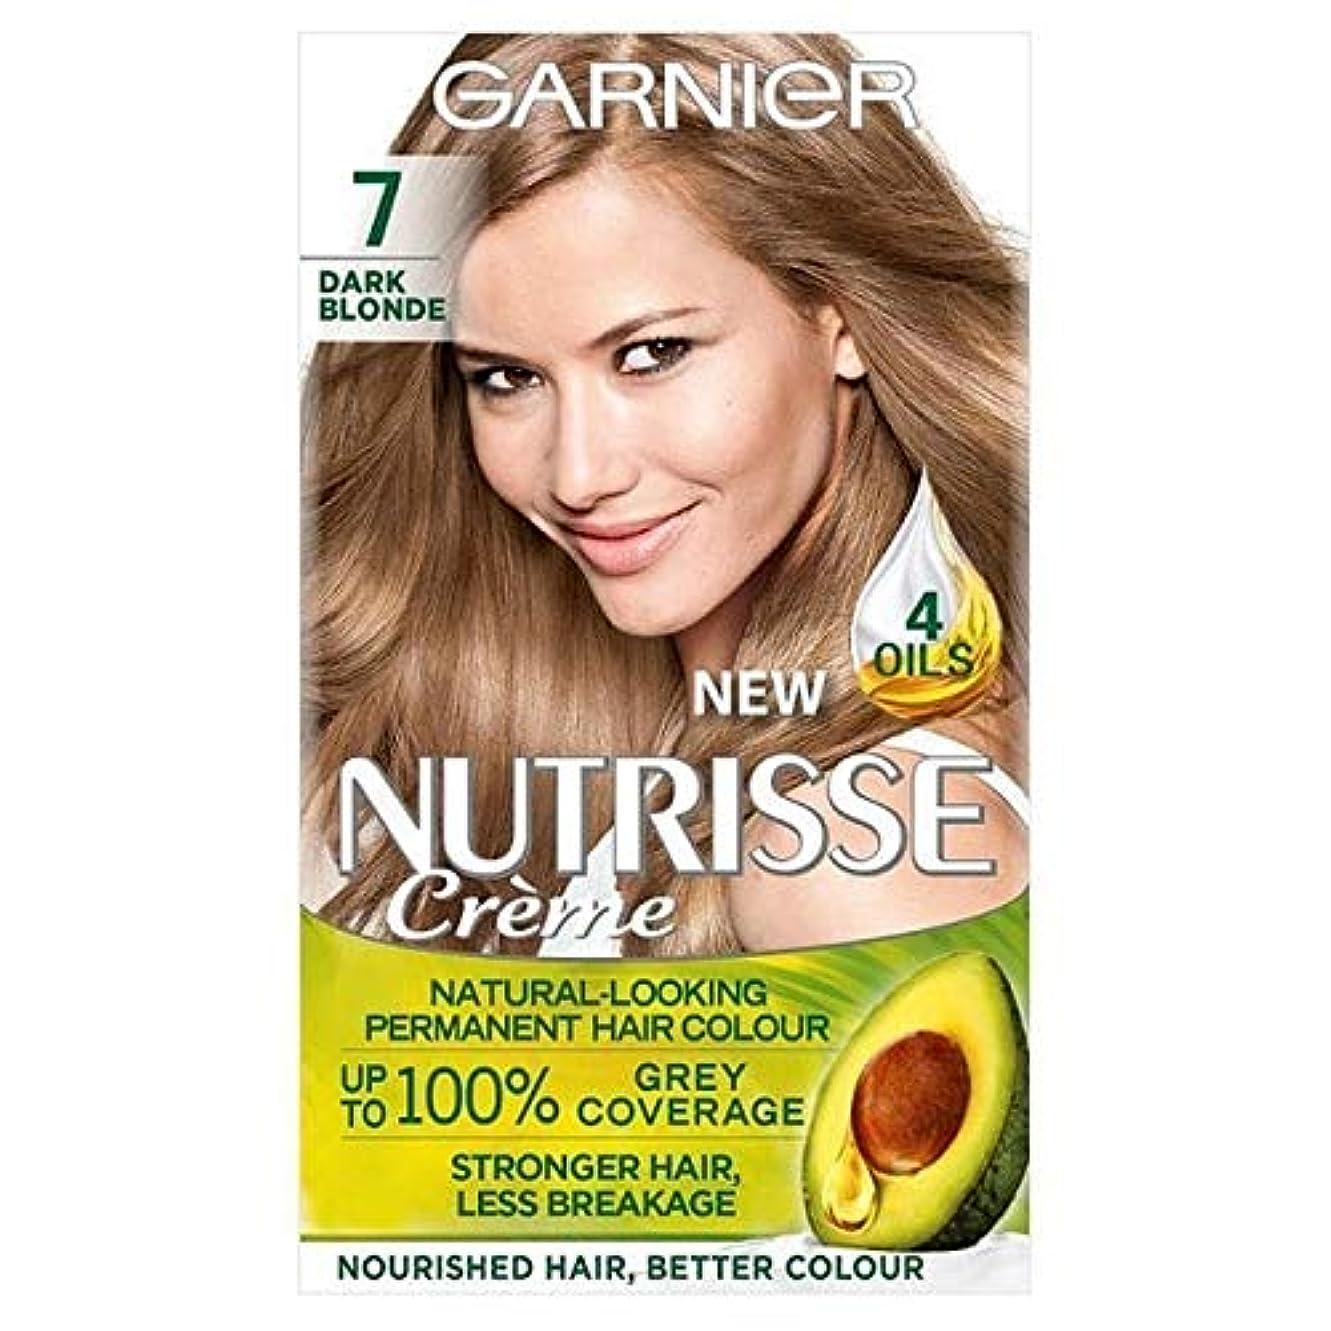 掃除しっかり適合しました[Garnier ] ガルニエNutrisse永久染毛剤ダークブロンド7 - Garnier Nutrisse Permanent Hair Dye Dark Blonde 7 [並行輸入品]